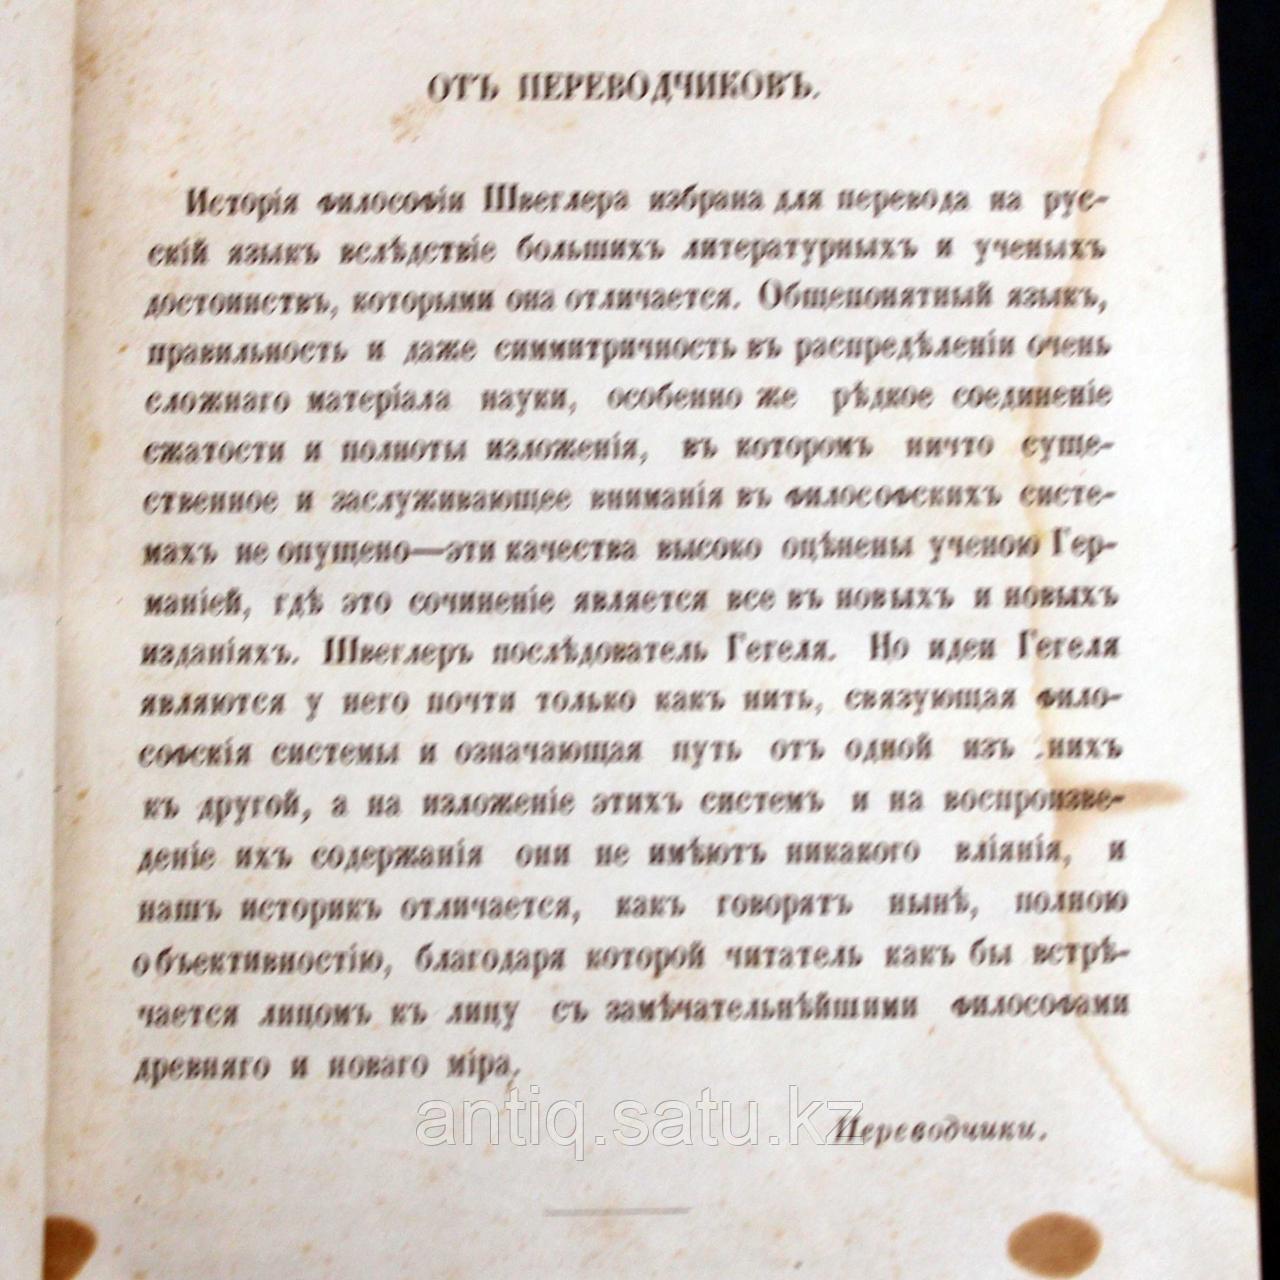 История Философии. Книга- автор Альберт Швеглер. Москва 1864 год - фото 3